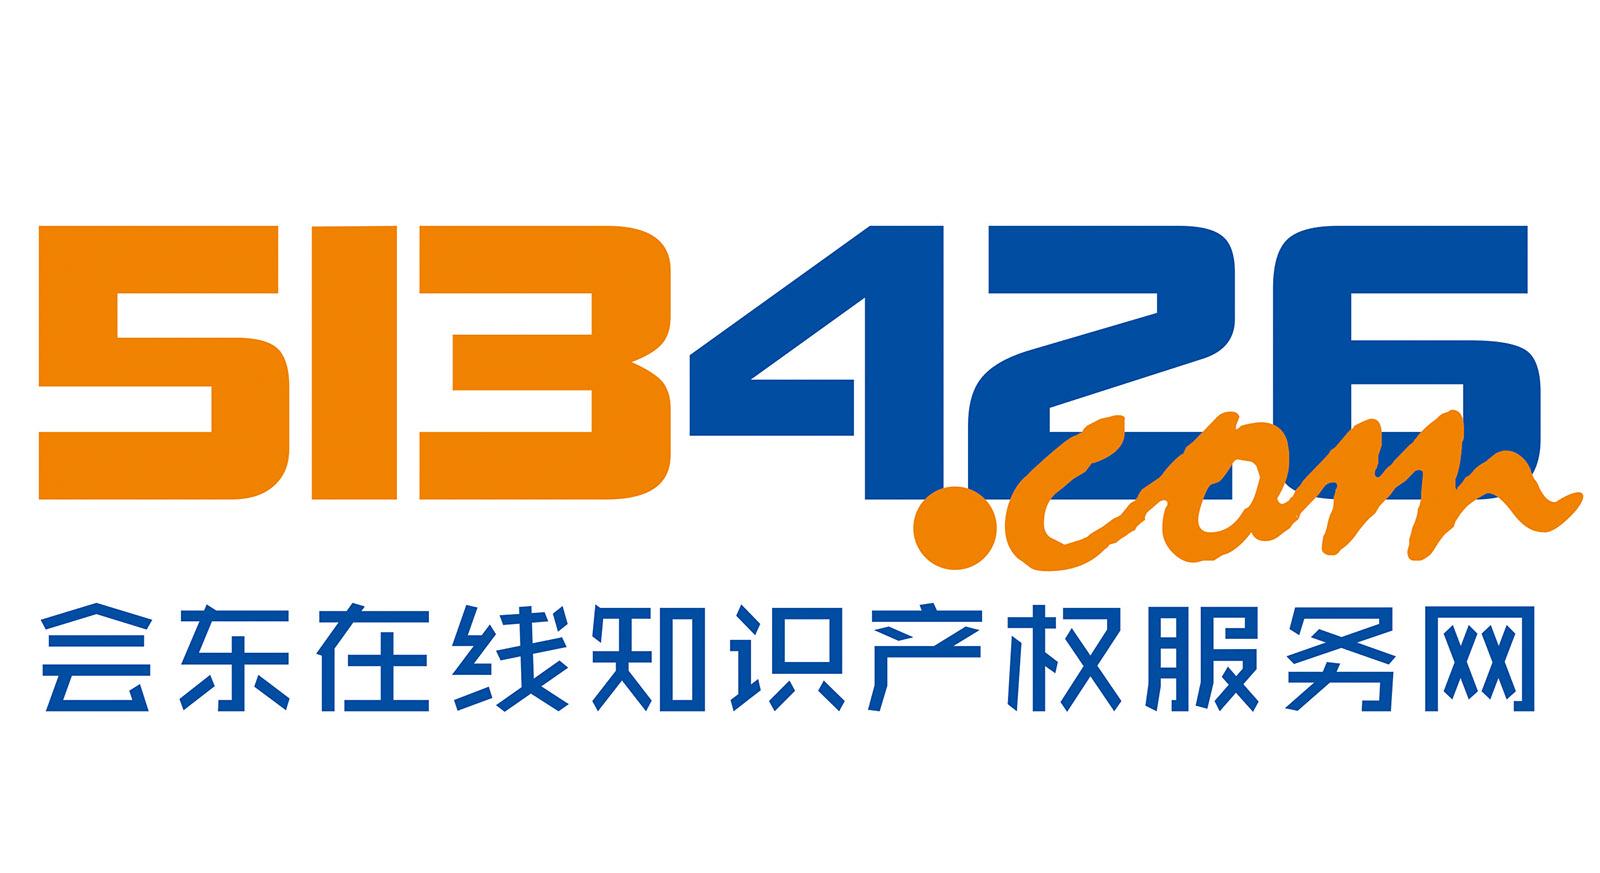 会东在线知识产权服务网